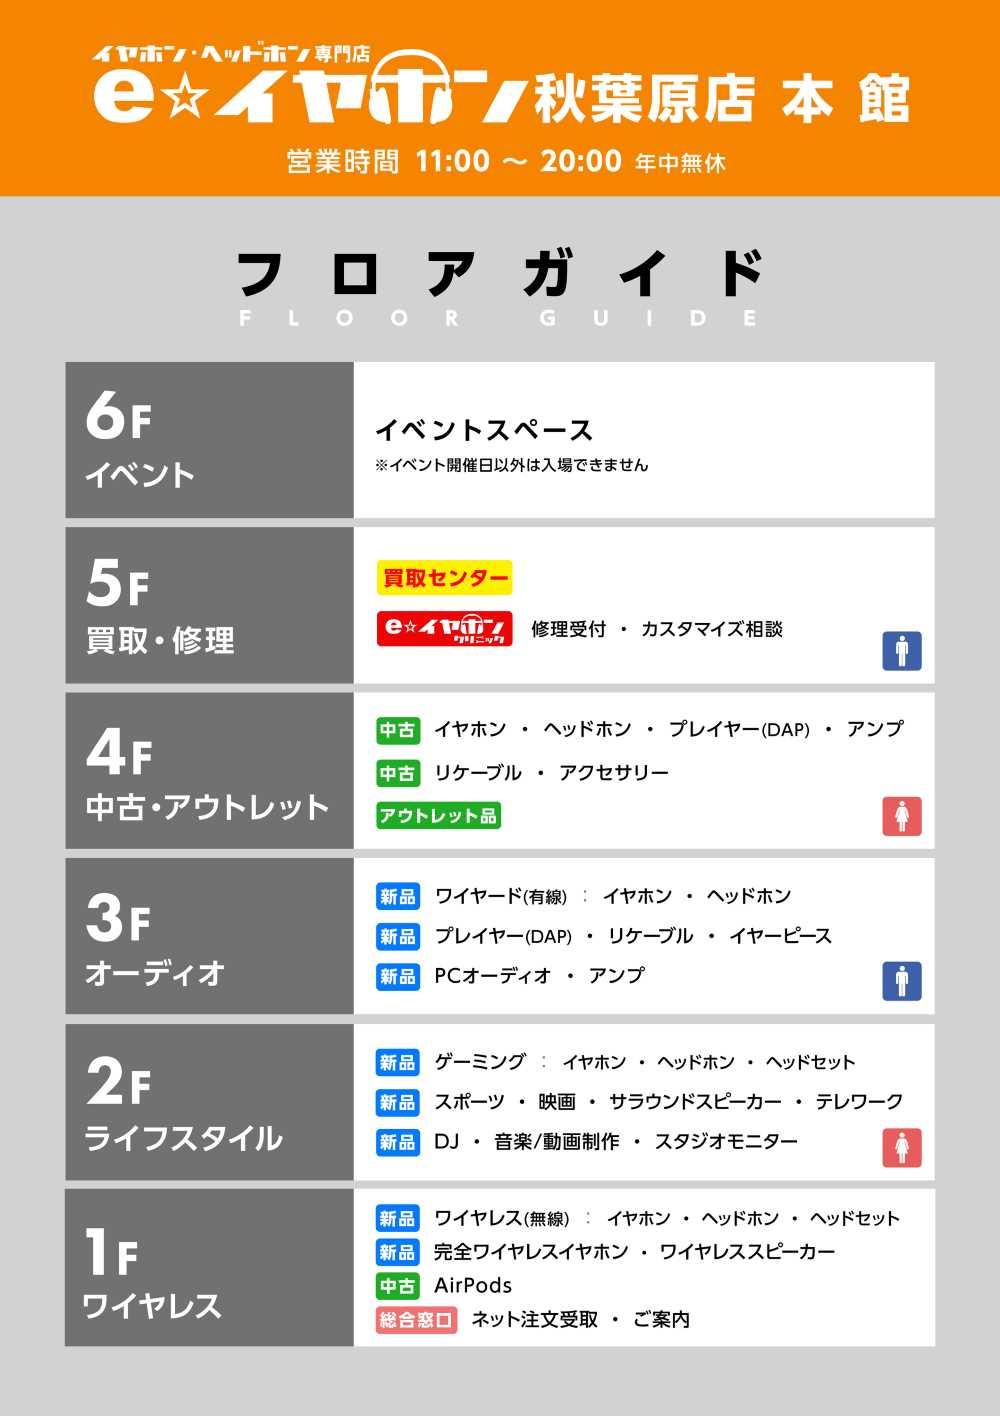 画像2: e☆イヤホン、明日4月22日より新店舗に移転オープン。25000以上のイヤホン・ヘッドホン関連のアイテムを手にできる